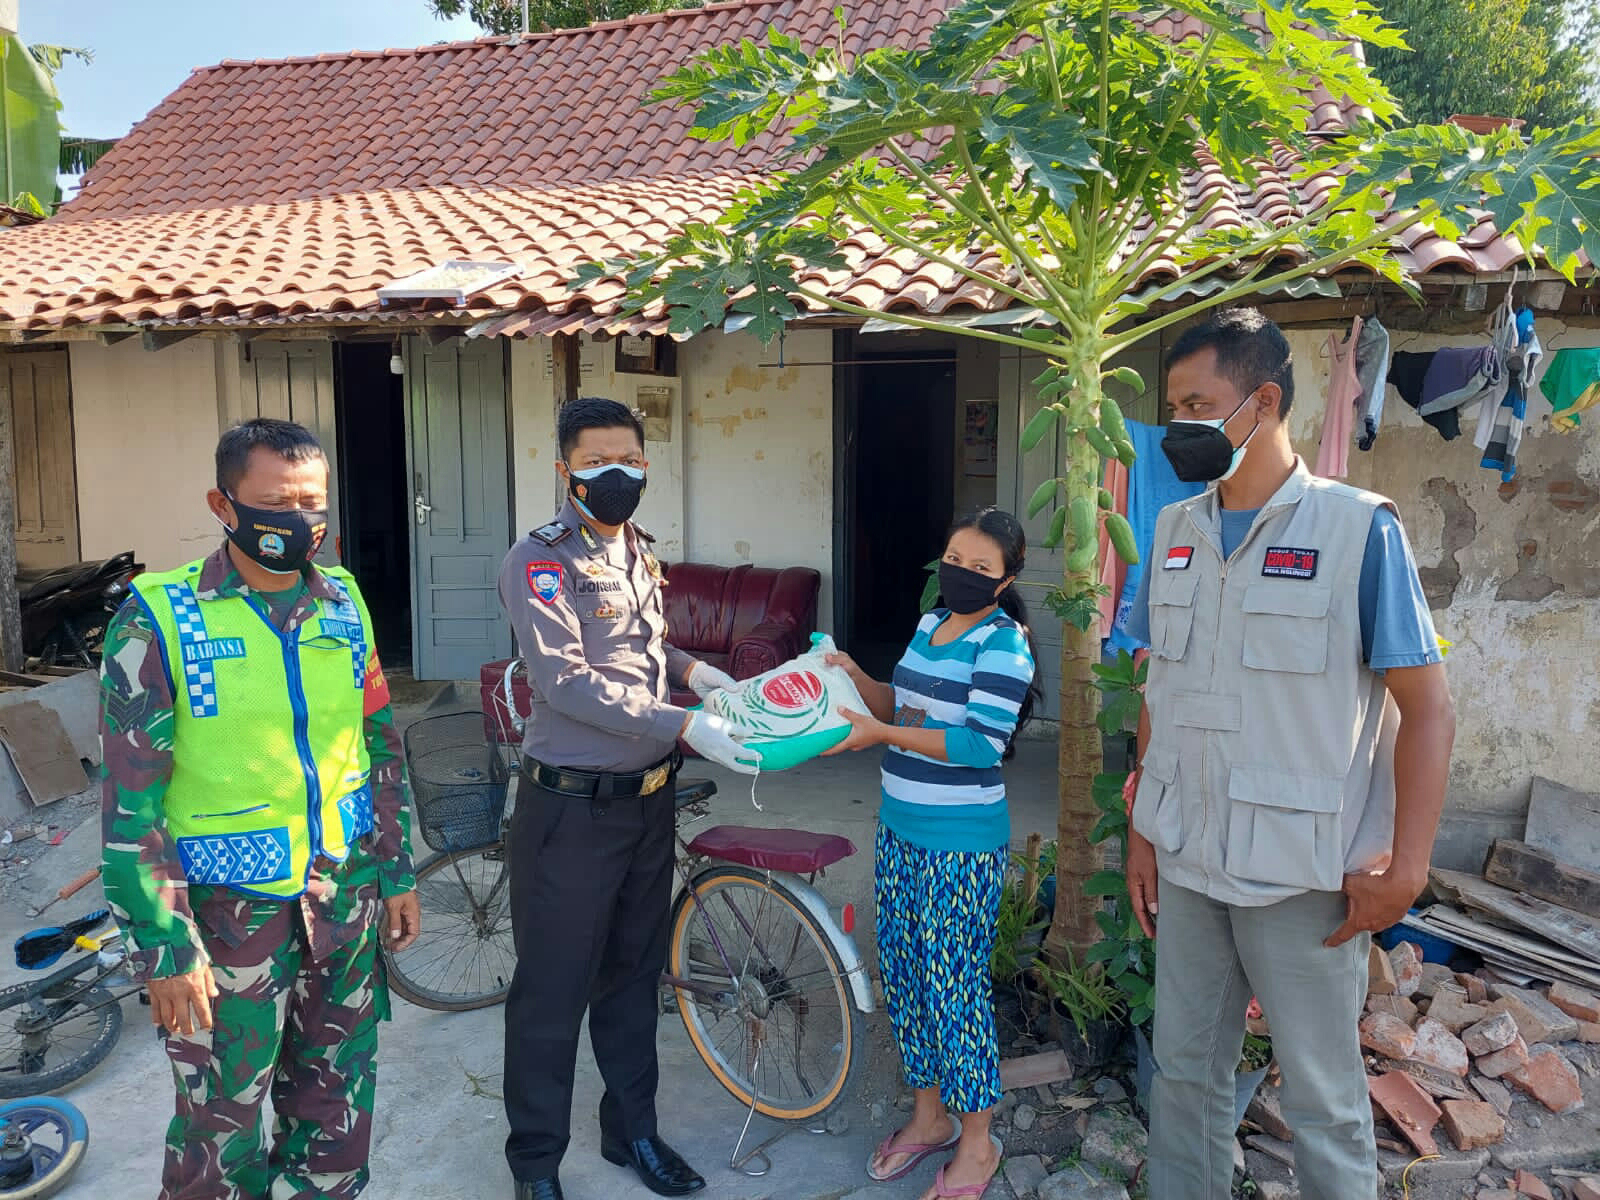 Lagi, Polres Klaten Baksos Bagi Sembako Kepada Warga Terdampak Pandemi Covid-19, Sasaran Para Pedagang Kecil dan Tukang Ojek